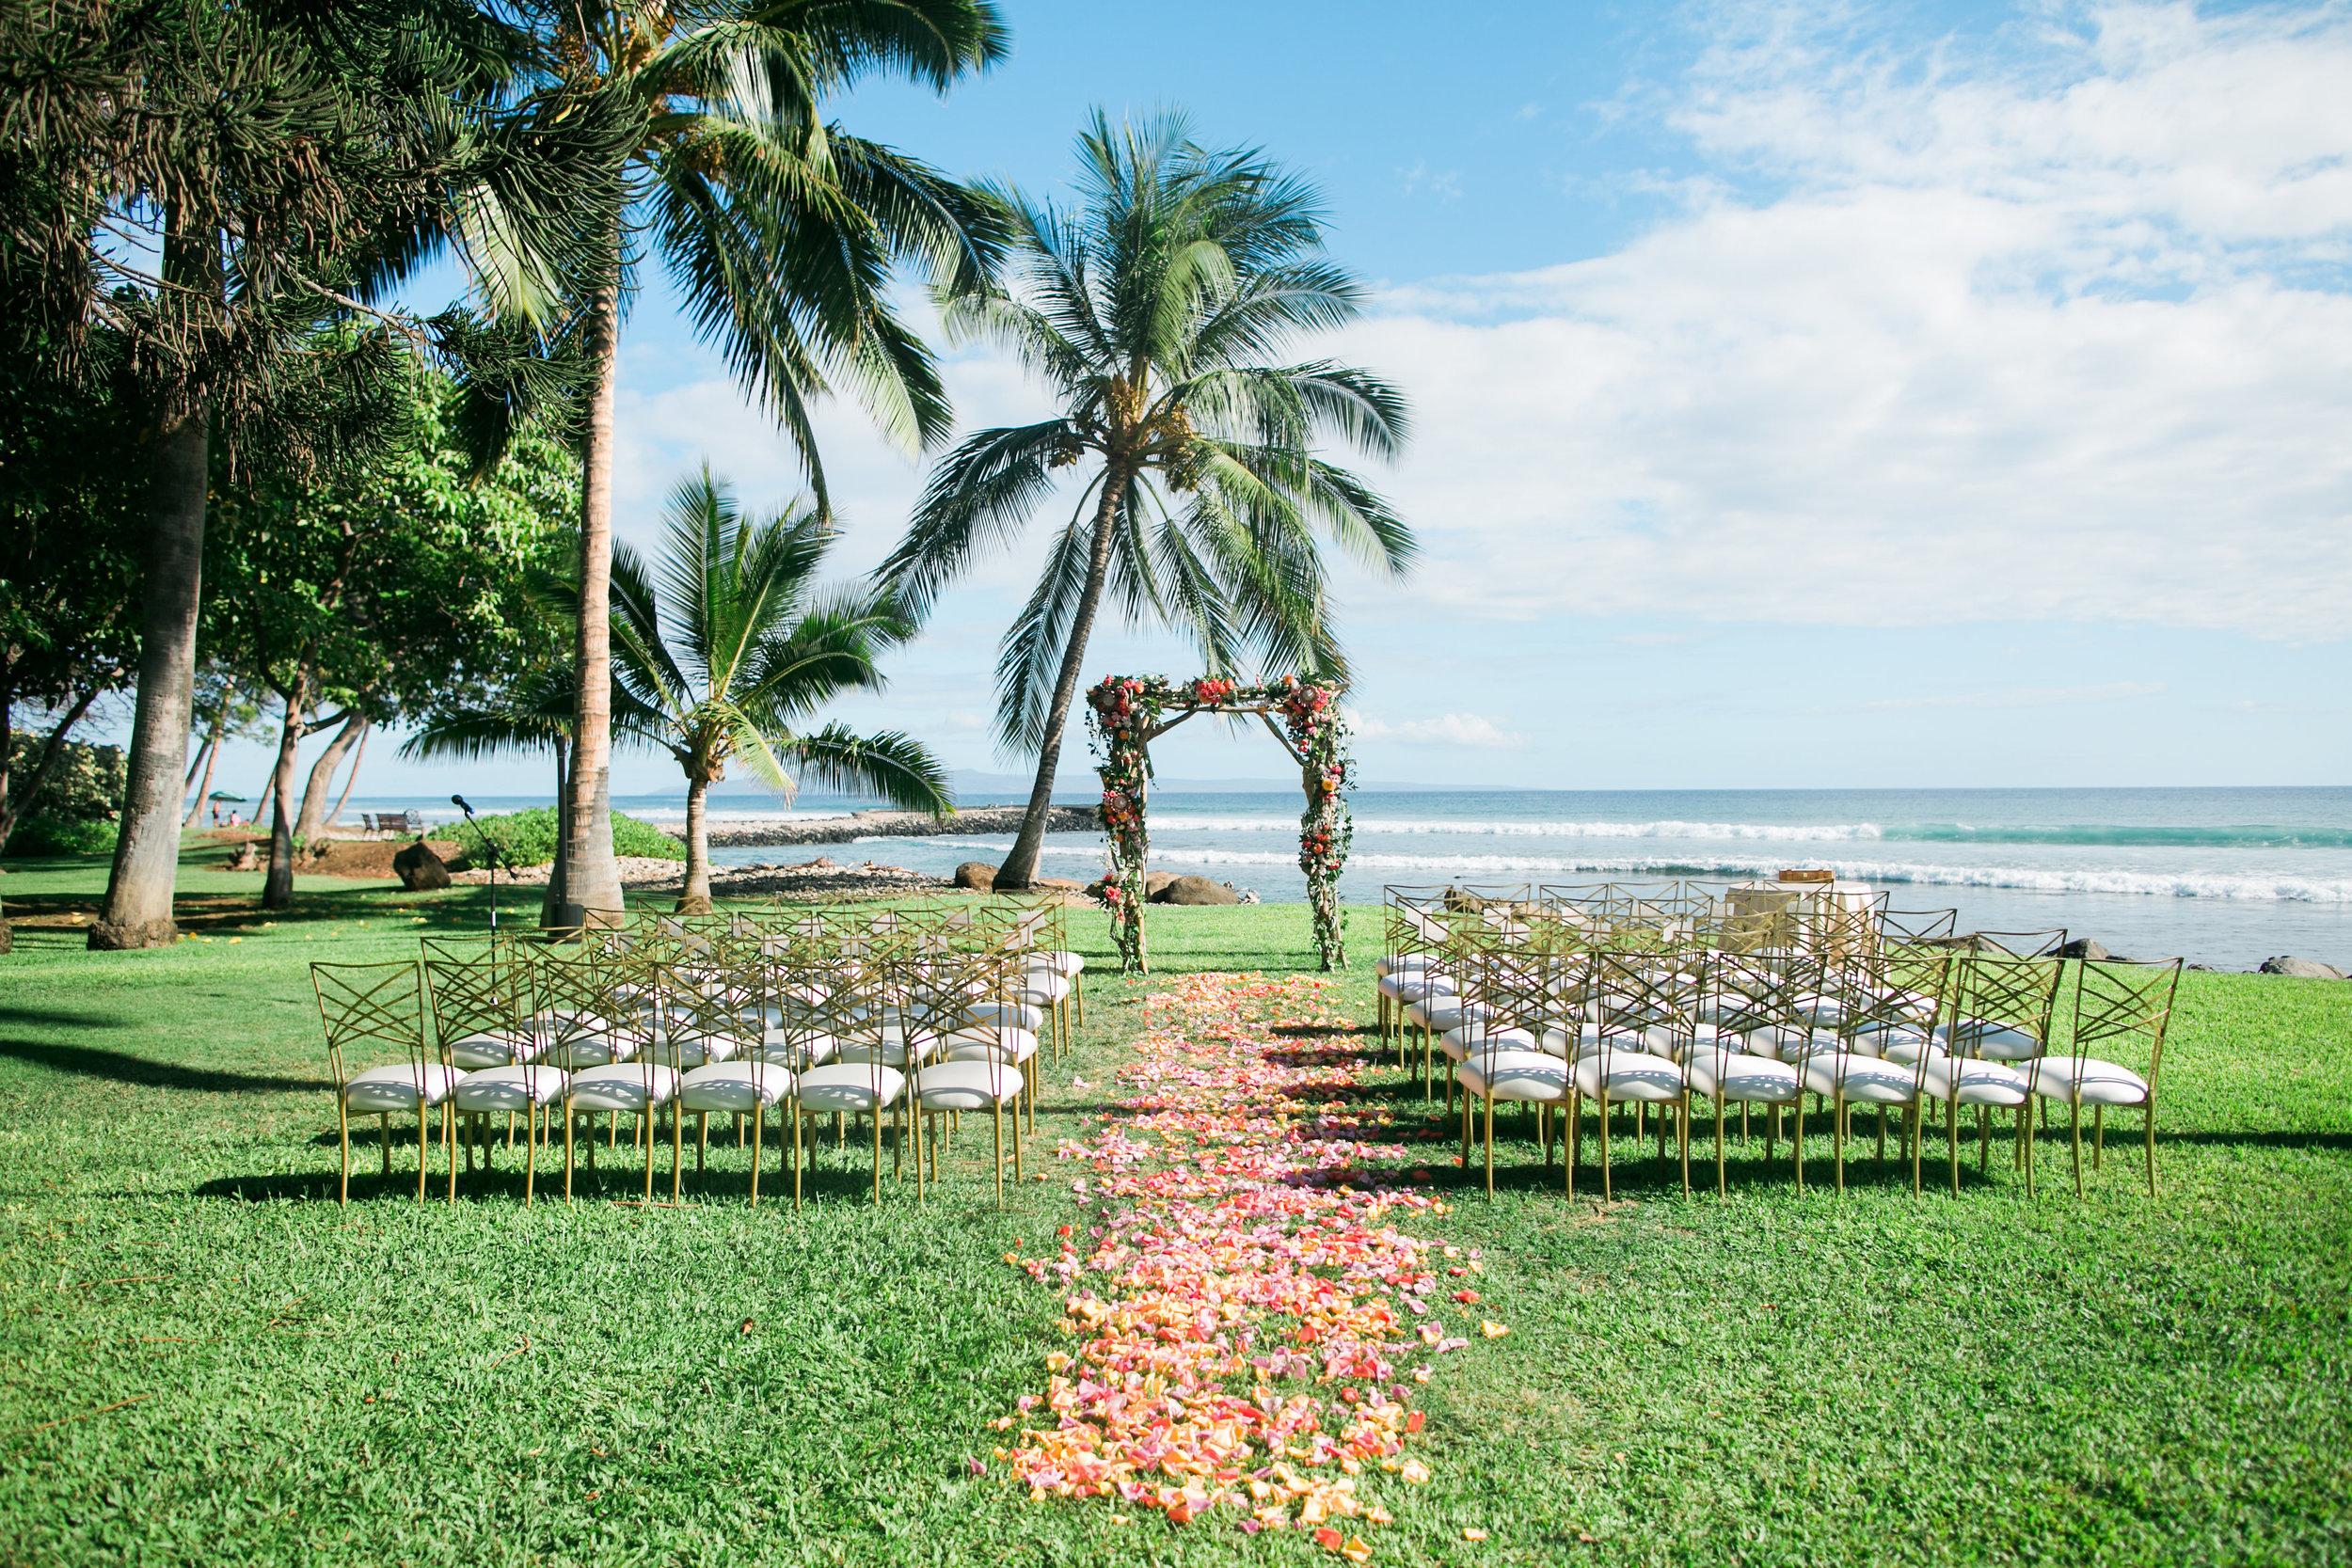 Maui, Hawaii beach wedding ceremony | Joanna Tano Photography